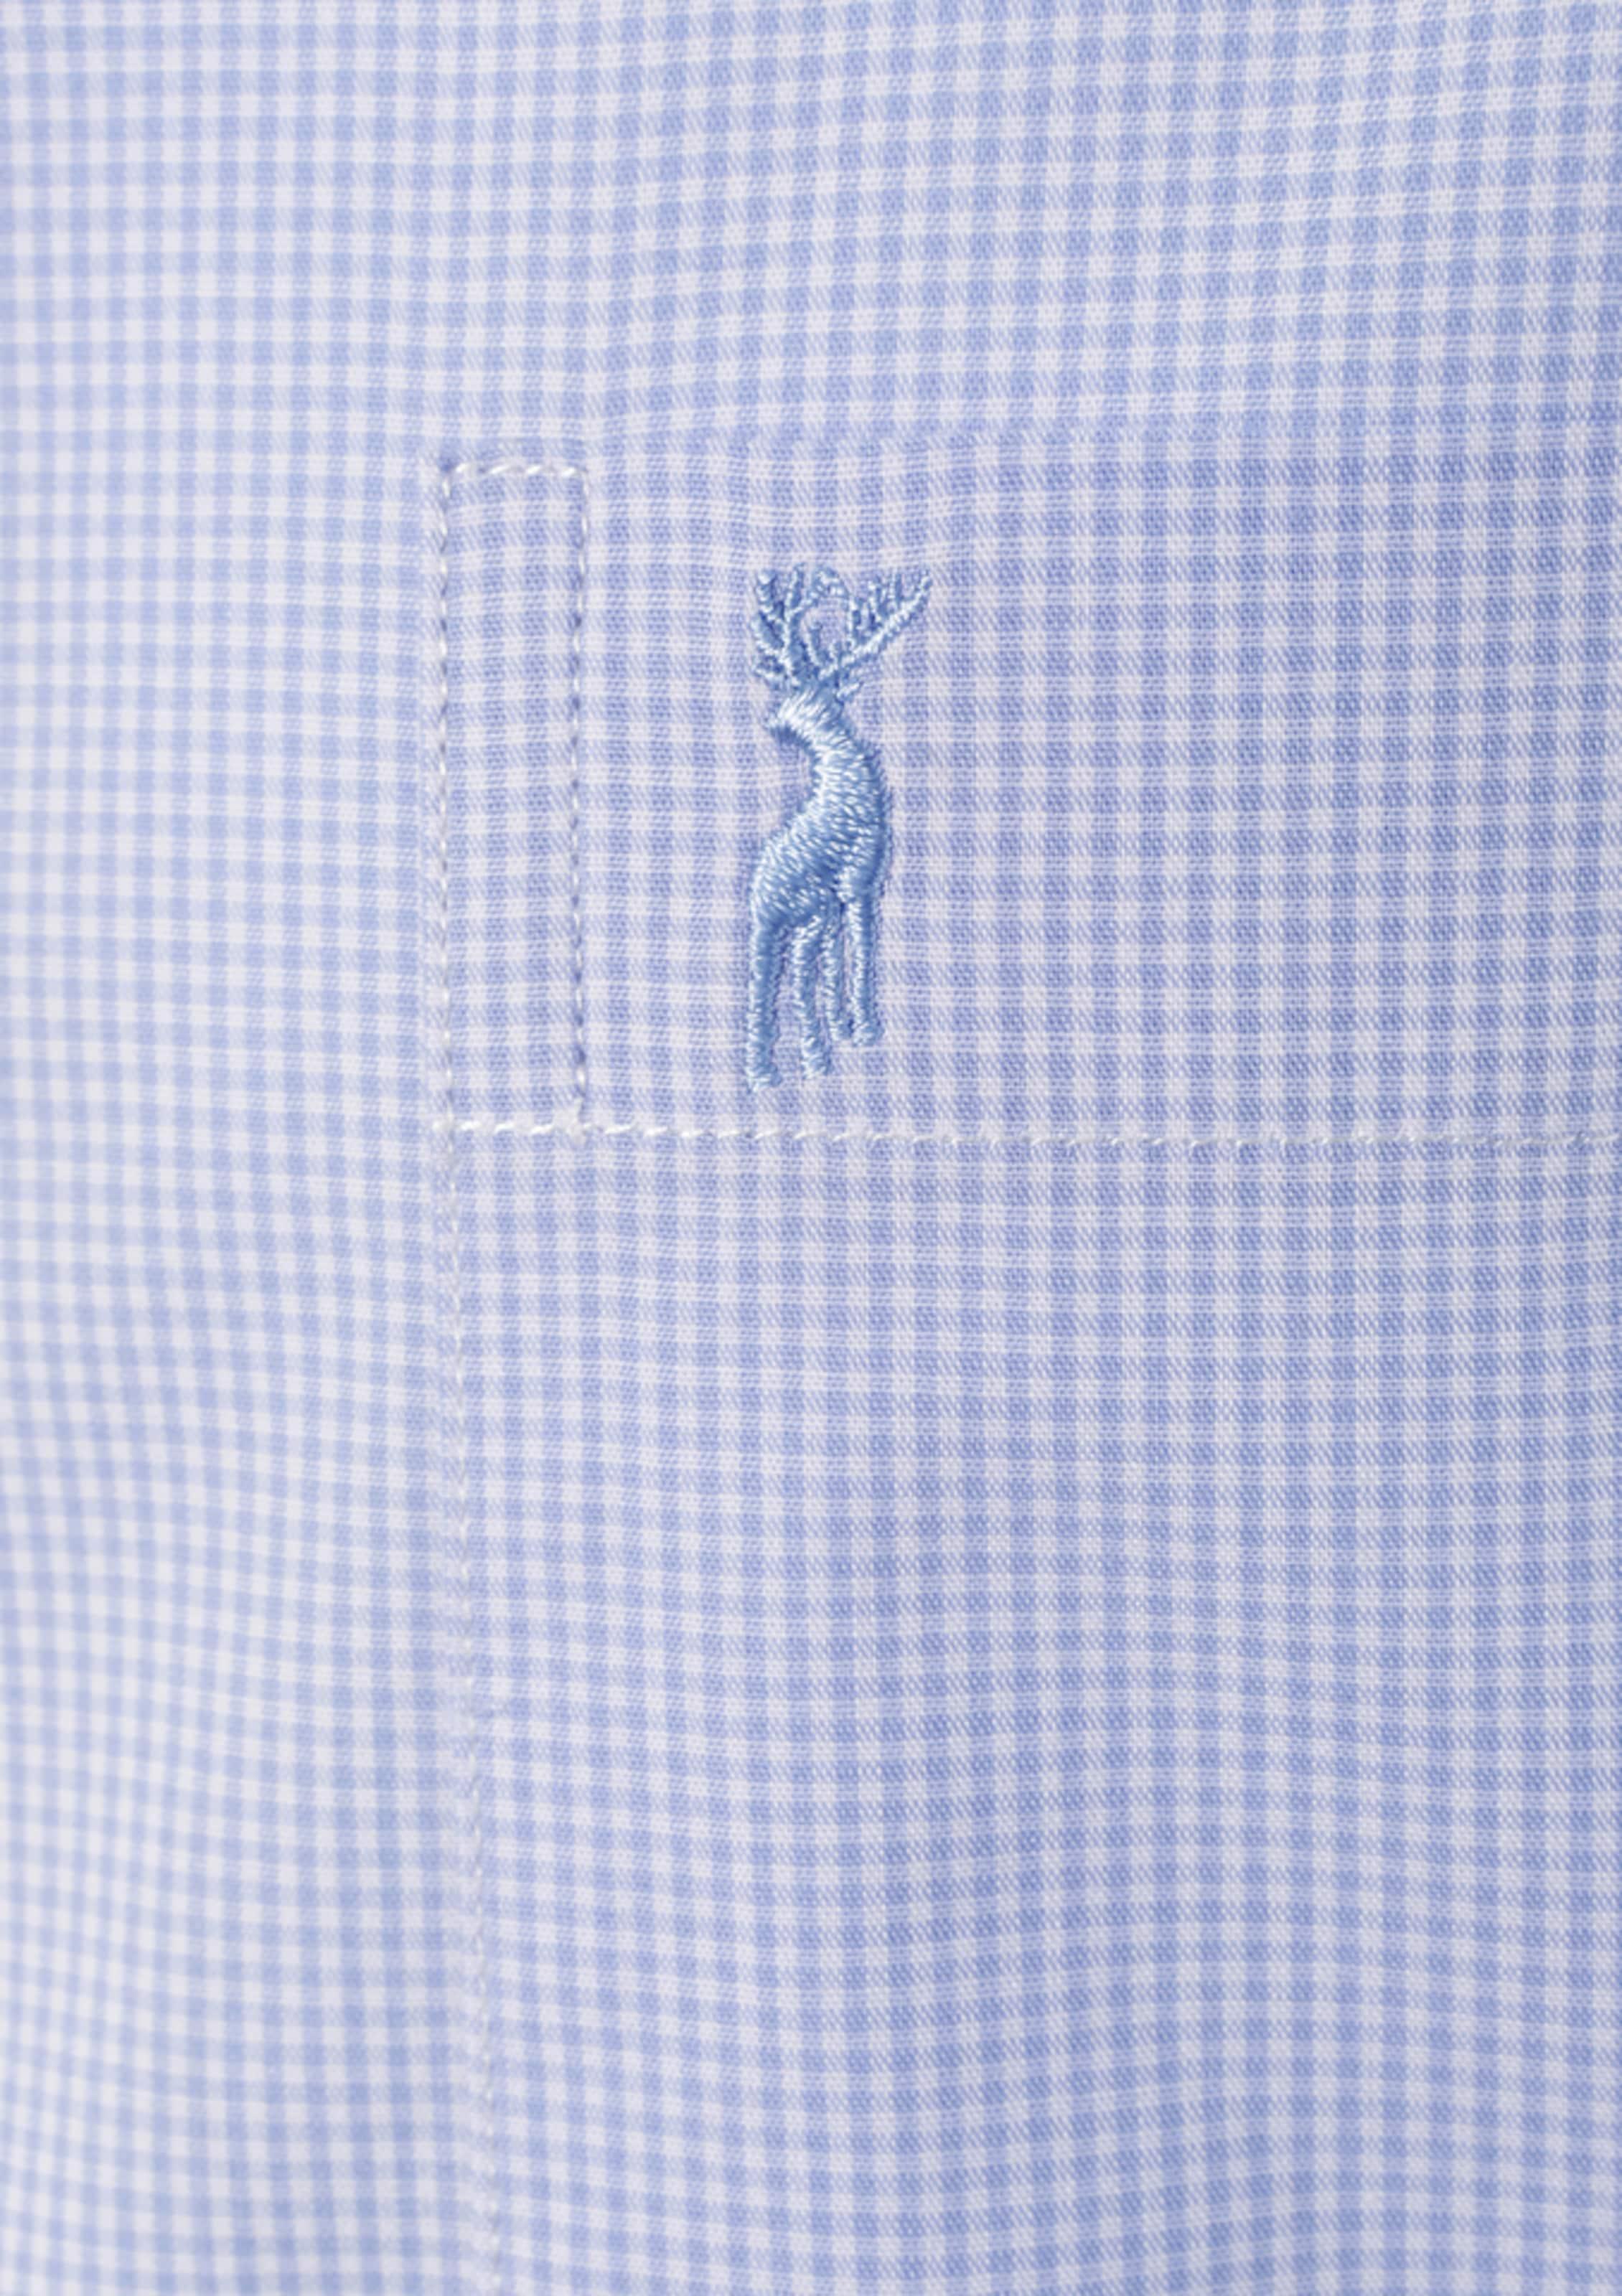 Verkaufsstelle Beliebt ALMSACH Trachtenhemd im Karo-Design Classic Günstig Online Marktfähig 6eHGNk97